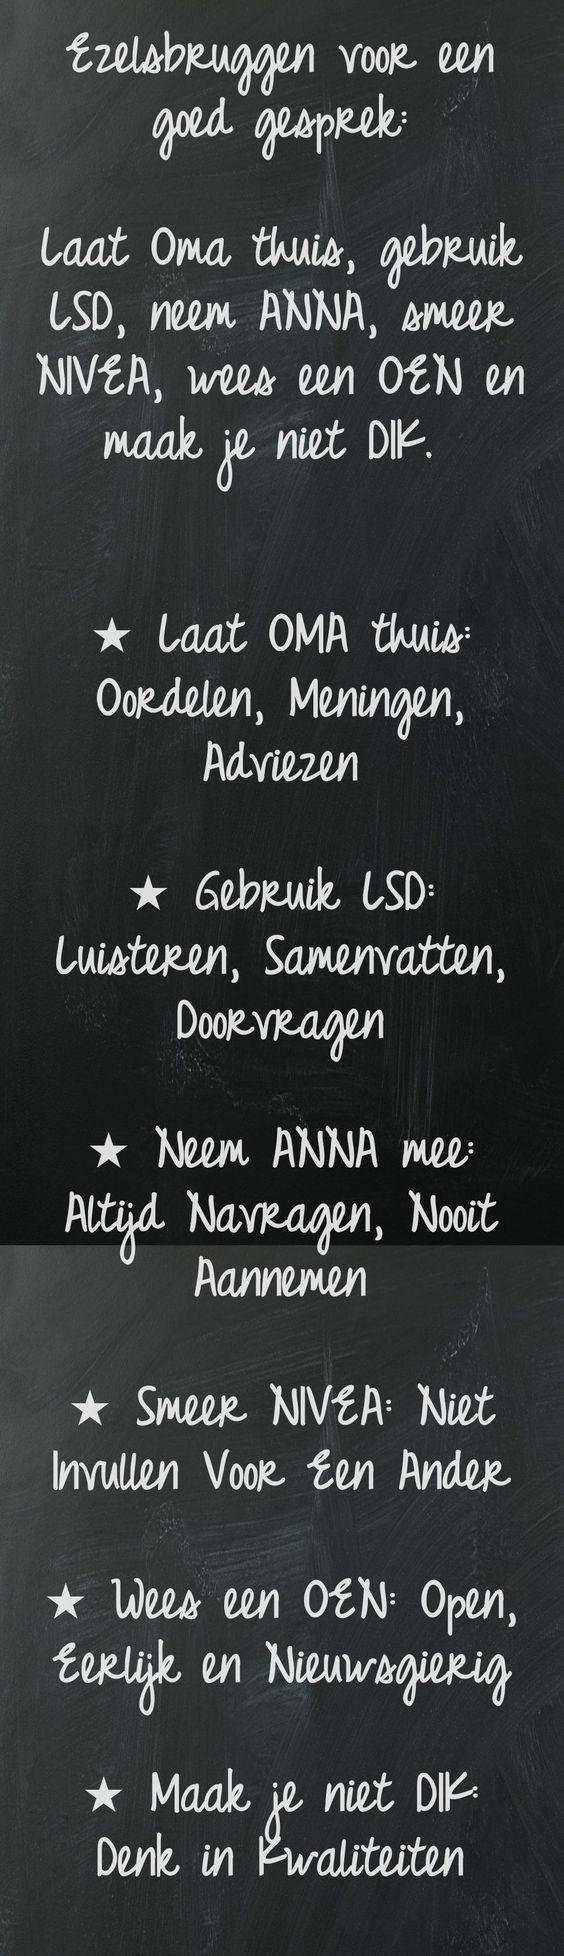 Een goed gesprek: OMA, NIVEA, LSD, ANNA, OEN en DIK Ook eens gekregen van onze directeur net voor het oudercontact ;-):